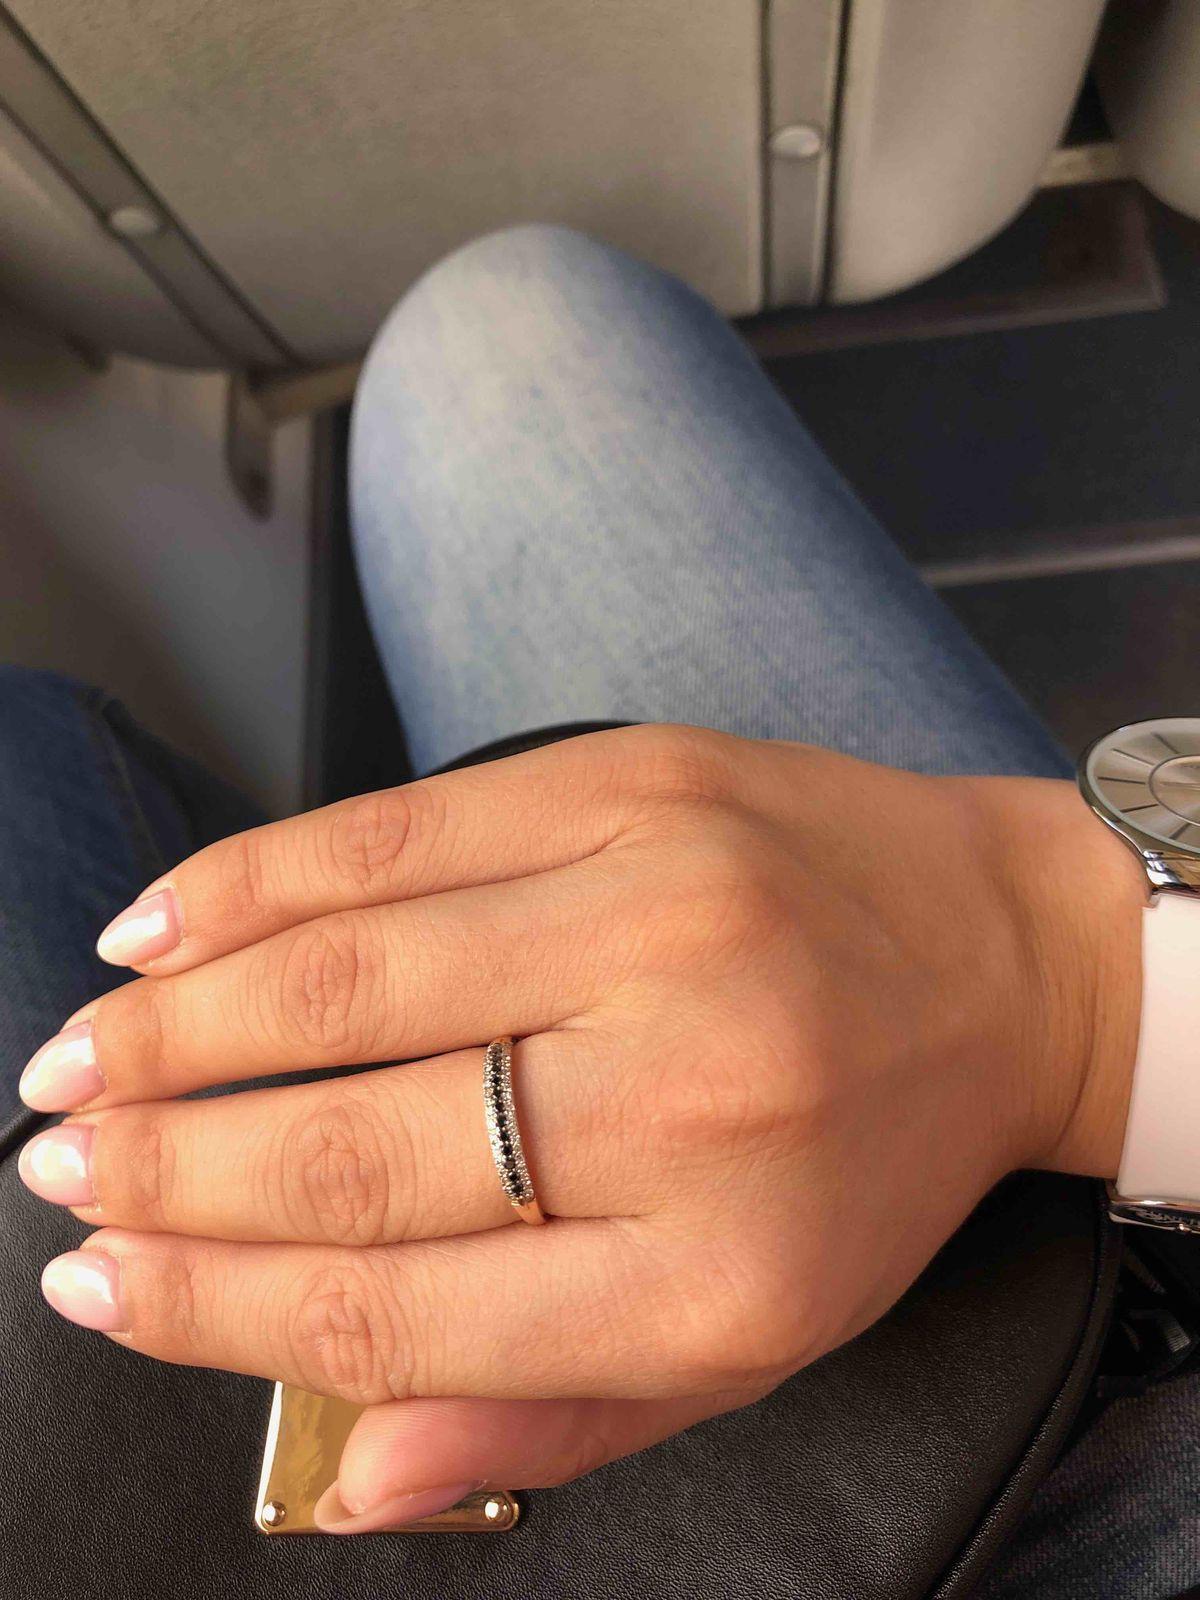 Покупал кольцо в подарок на день рождение